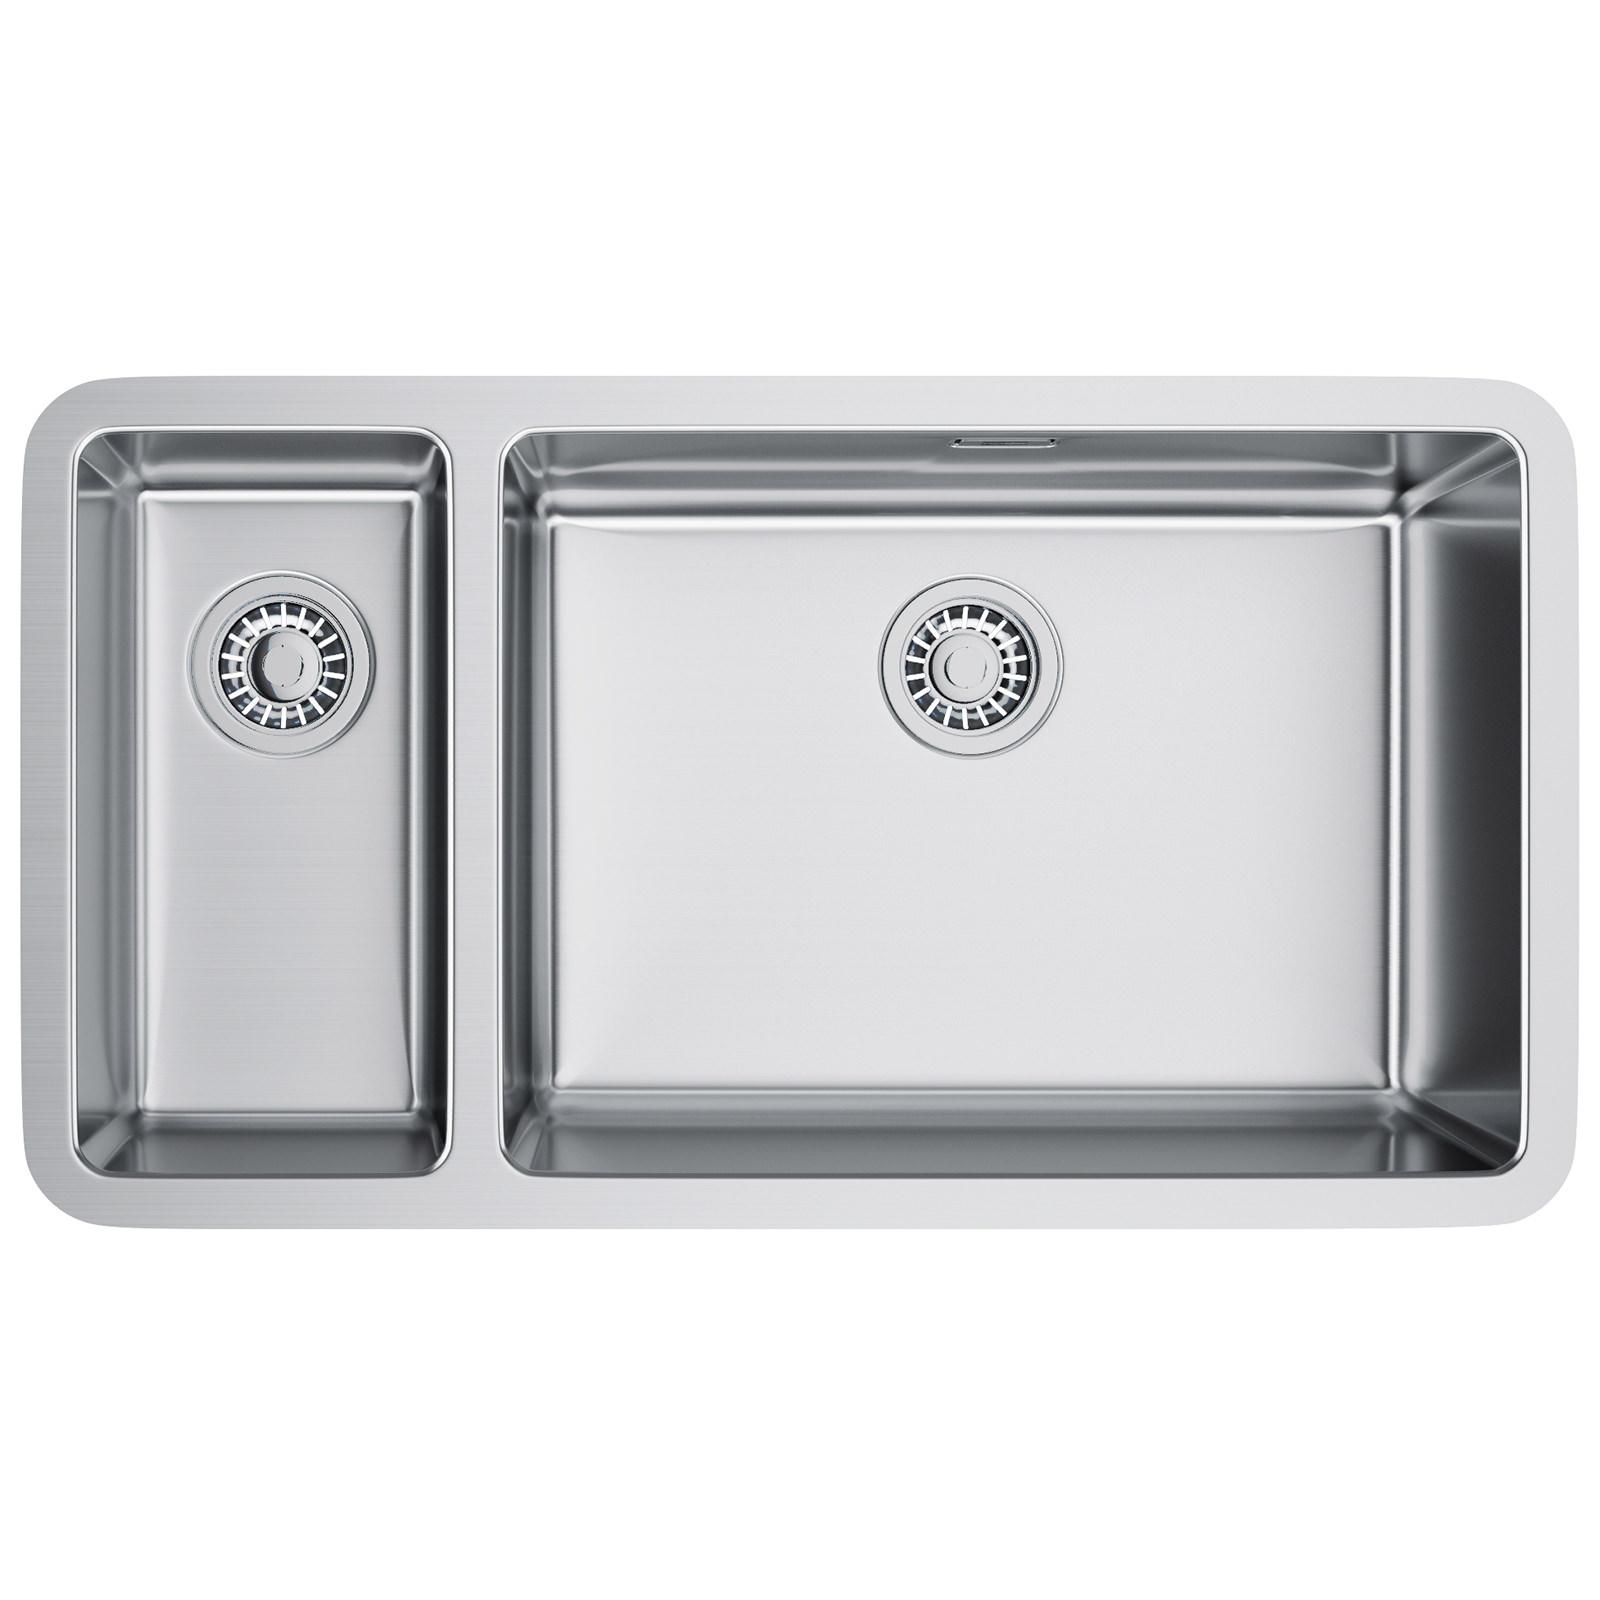 Franke Kubus Kbx 160 55 20 Stainless Steel 1 5 Bowl